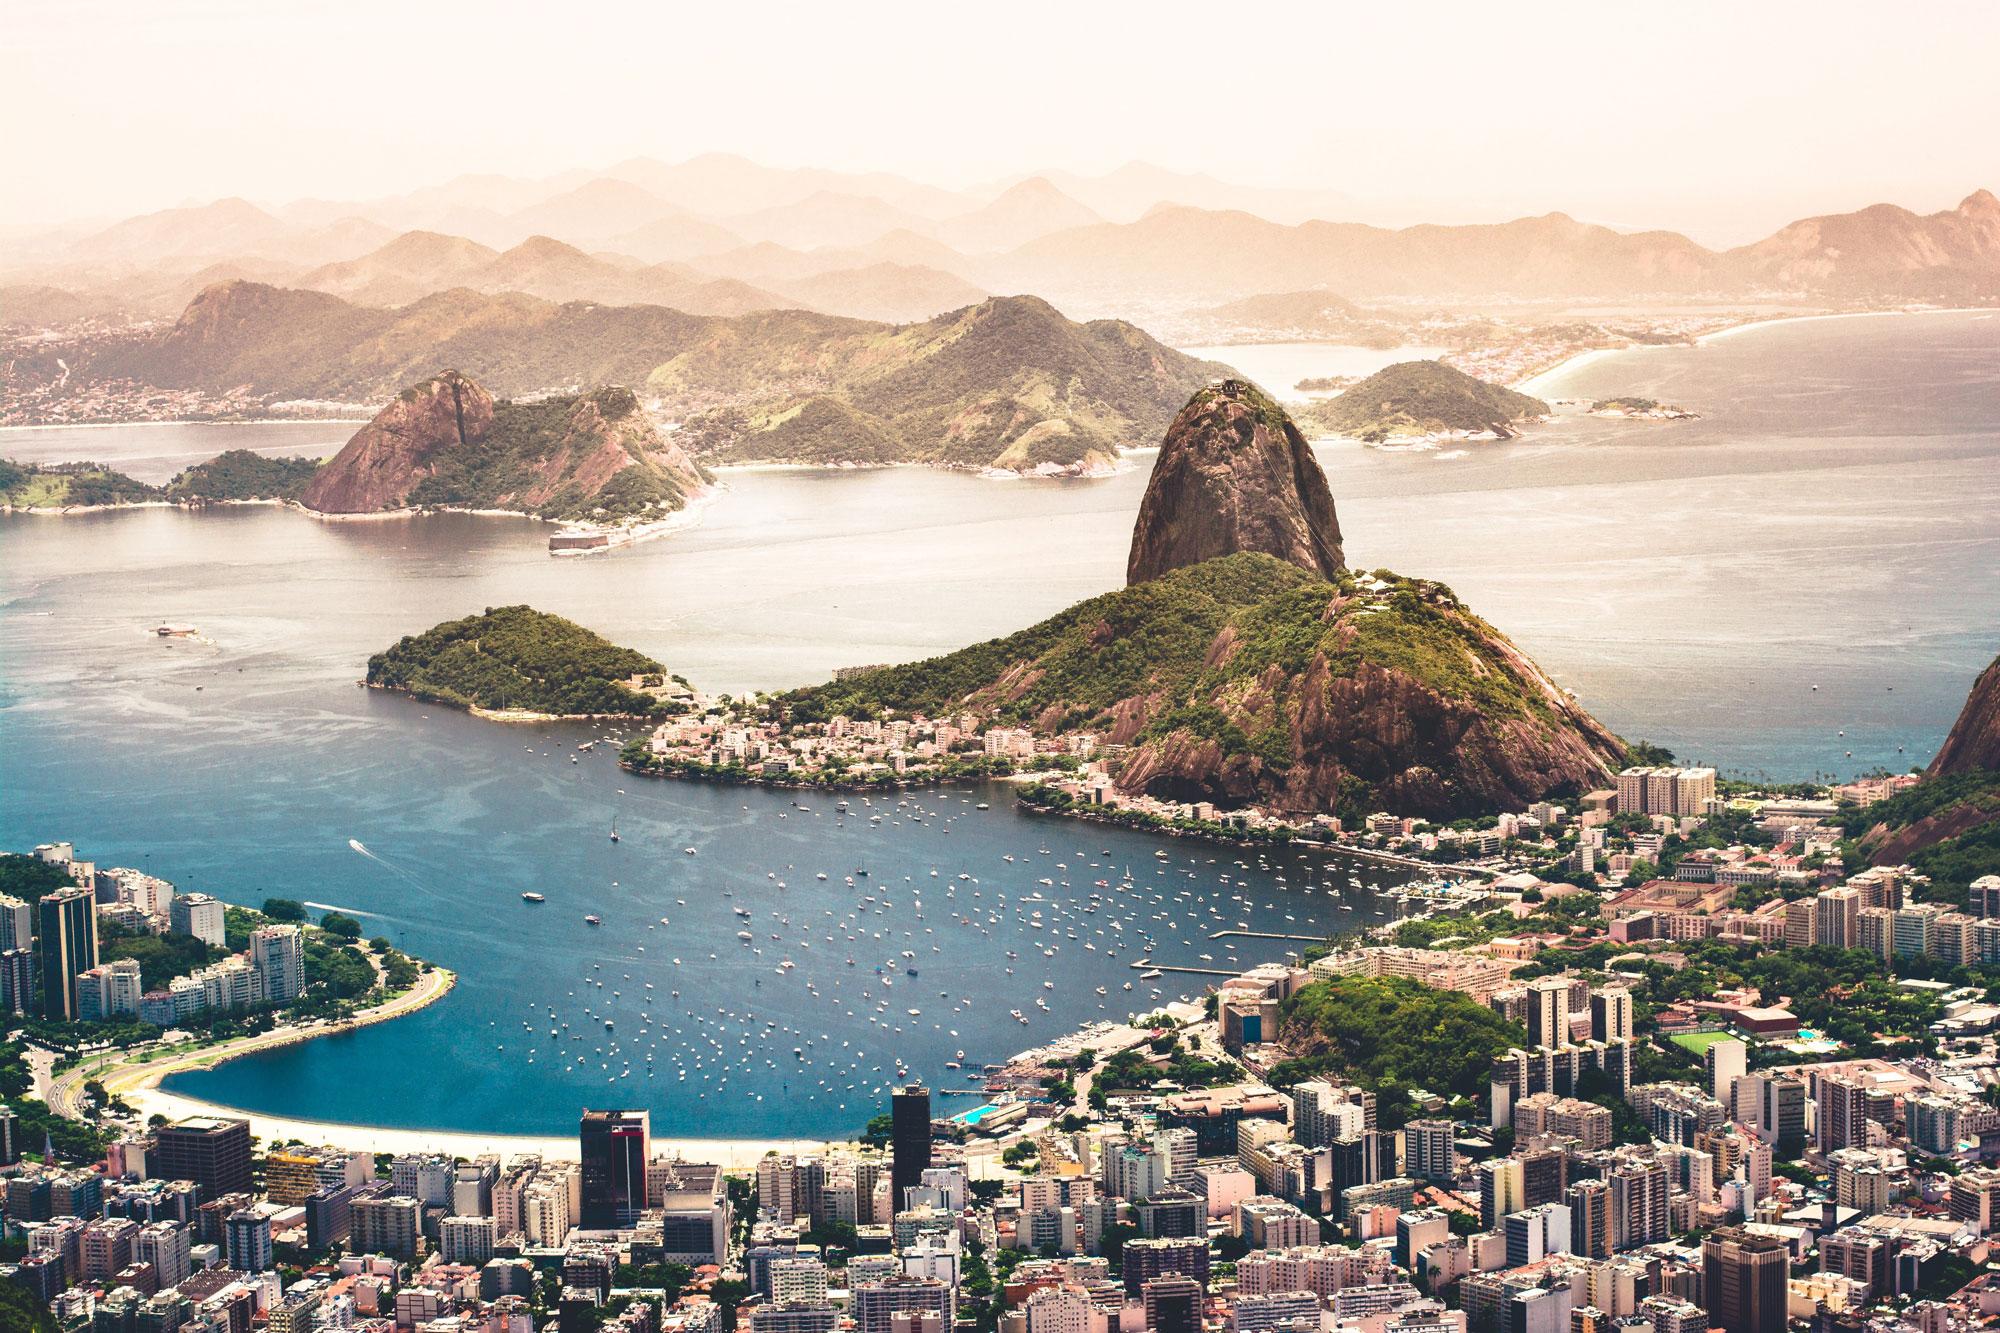 Paysage brésilien avec montagne, mer et ville